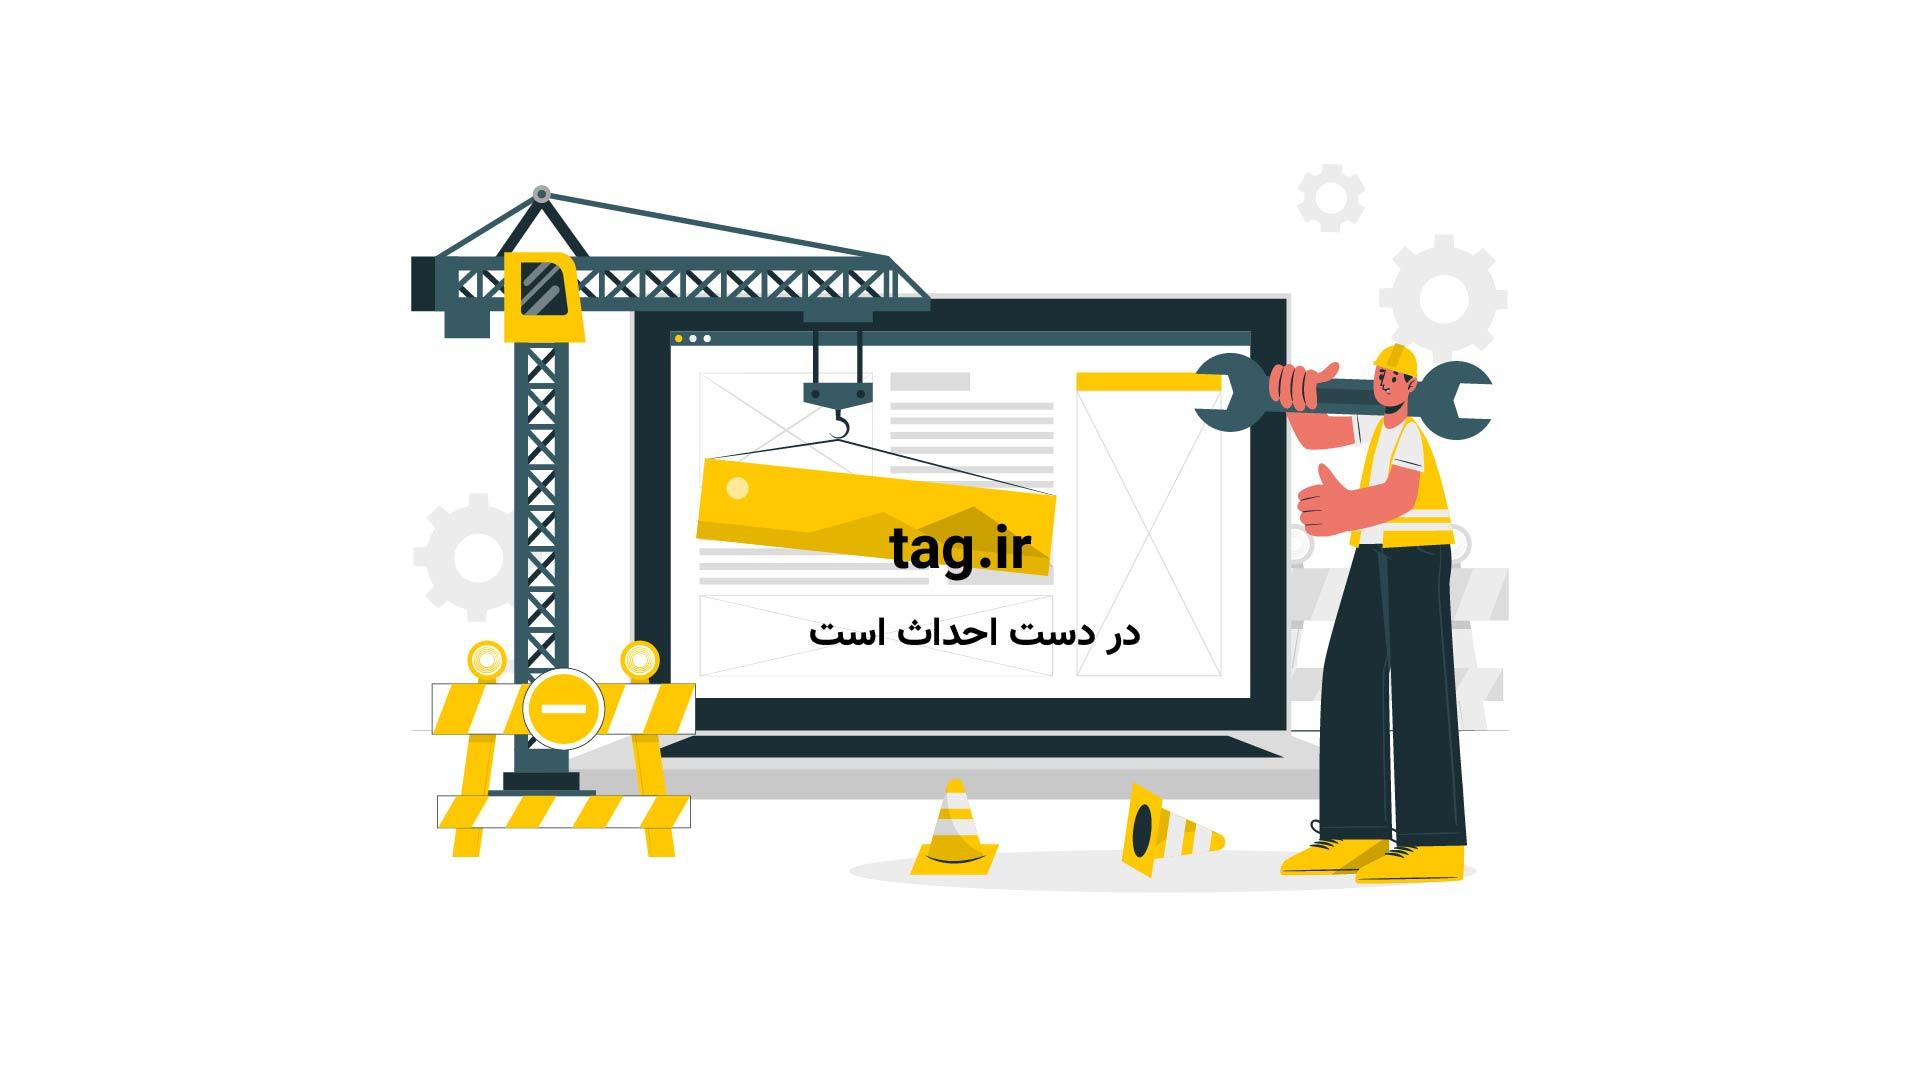 گفتگوی مهران مدیری با بهداد سلیمی و تغییر از ژیمناستیک تا وزنه برداری | فیلم